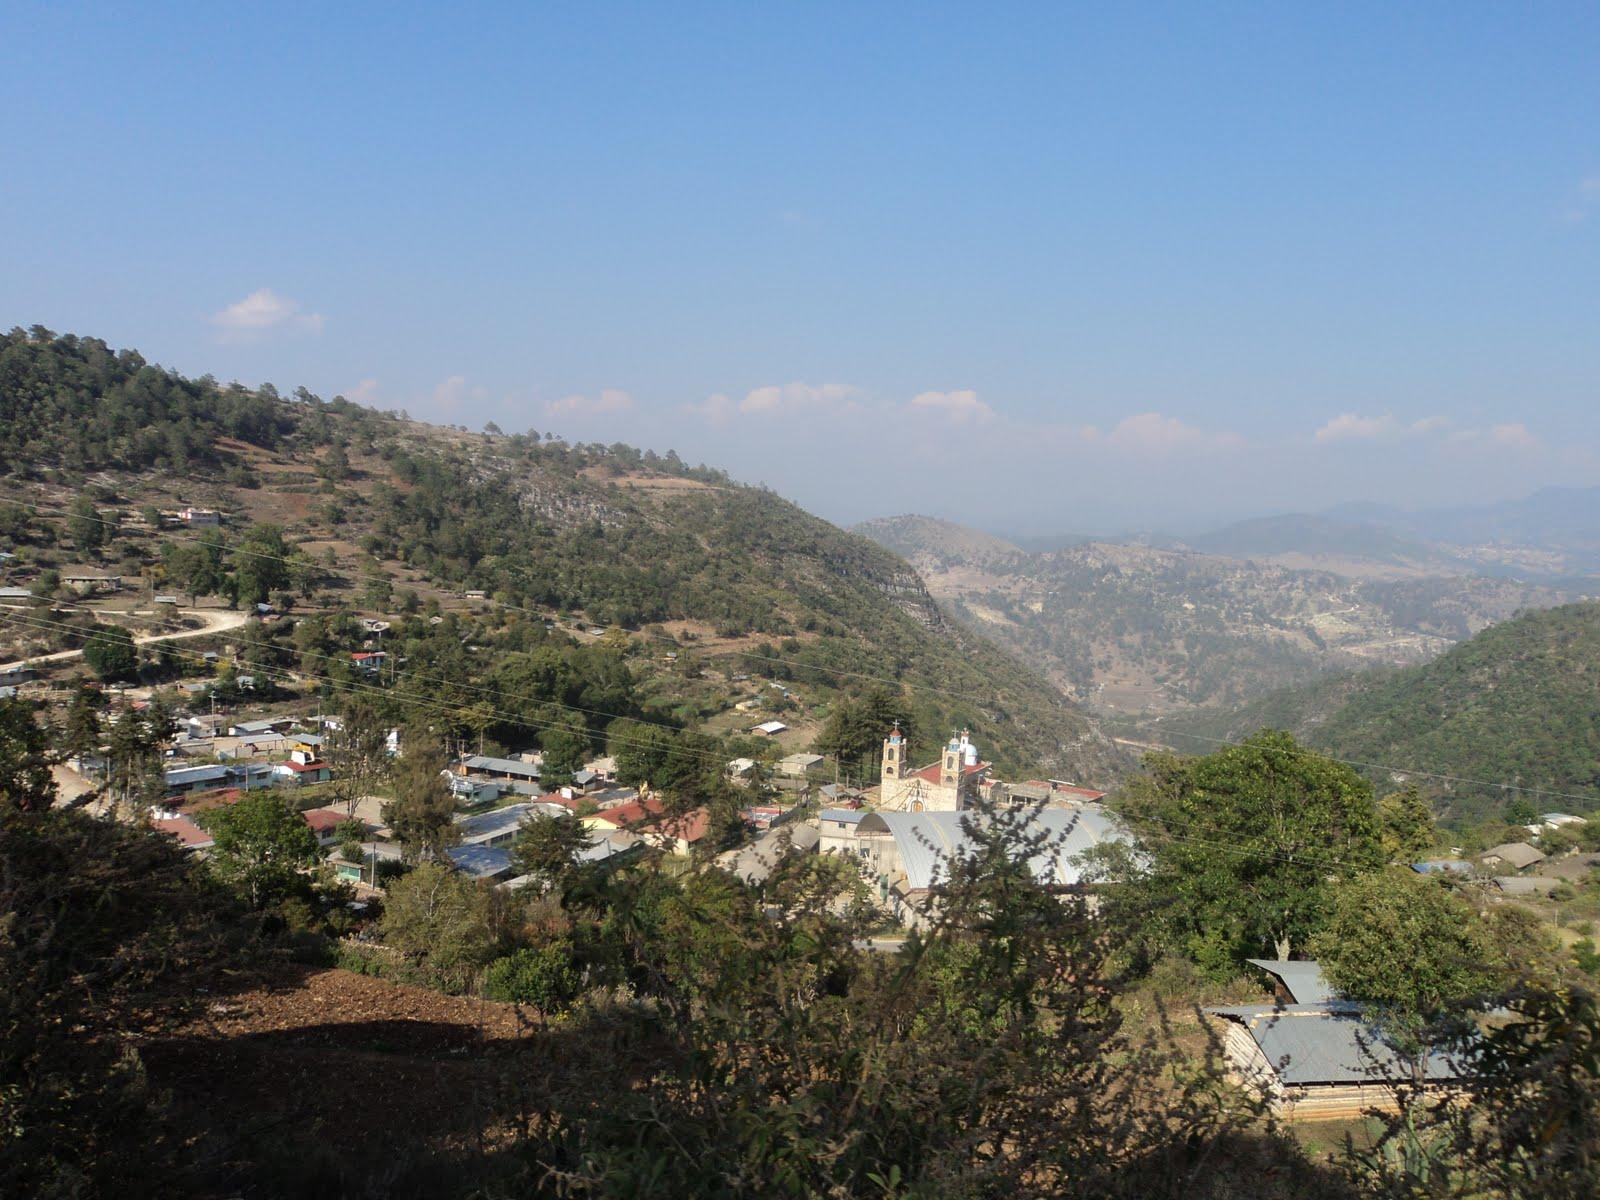 San Miguel del Progreso